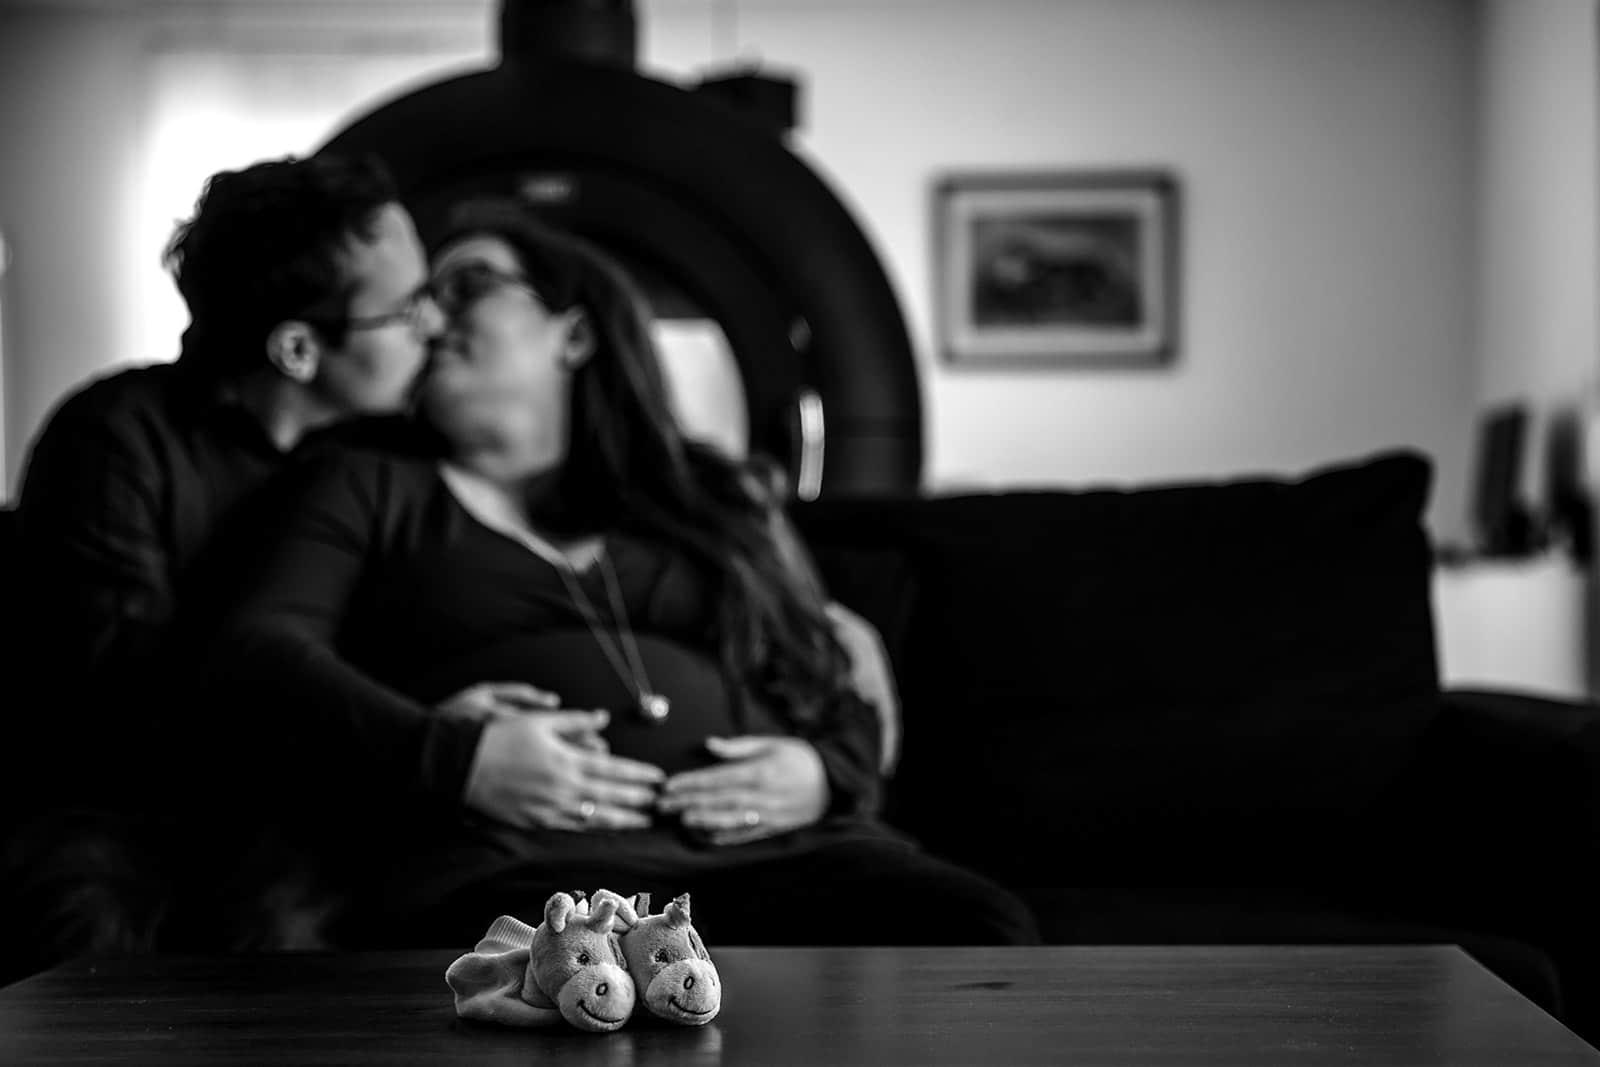 meilleur avis photographe de grossesse à domicile Bordeaux Pregnancy documentary photo Session séance photo grossesse nouveau né Photographe séance grossesse home studio Lyon. Photographe grossesse Lyon. Photographe nouveau né Lyon